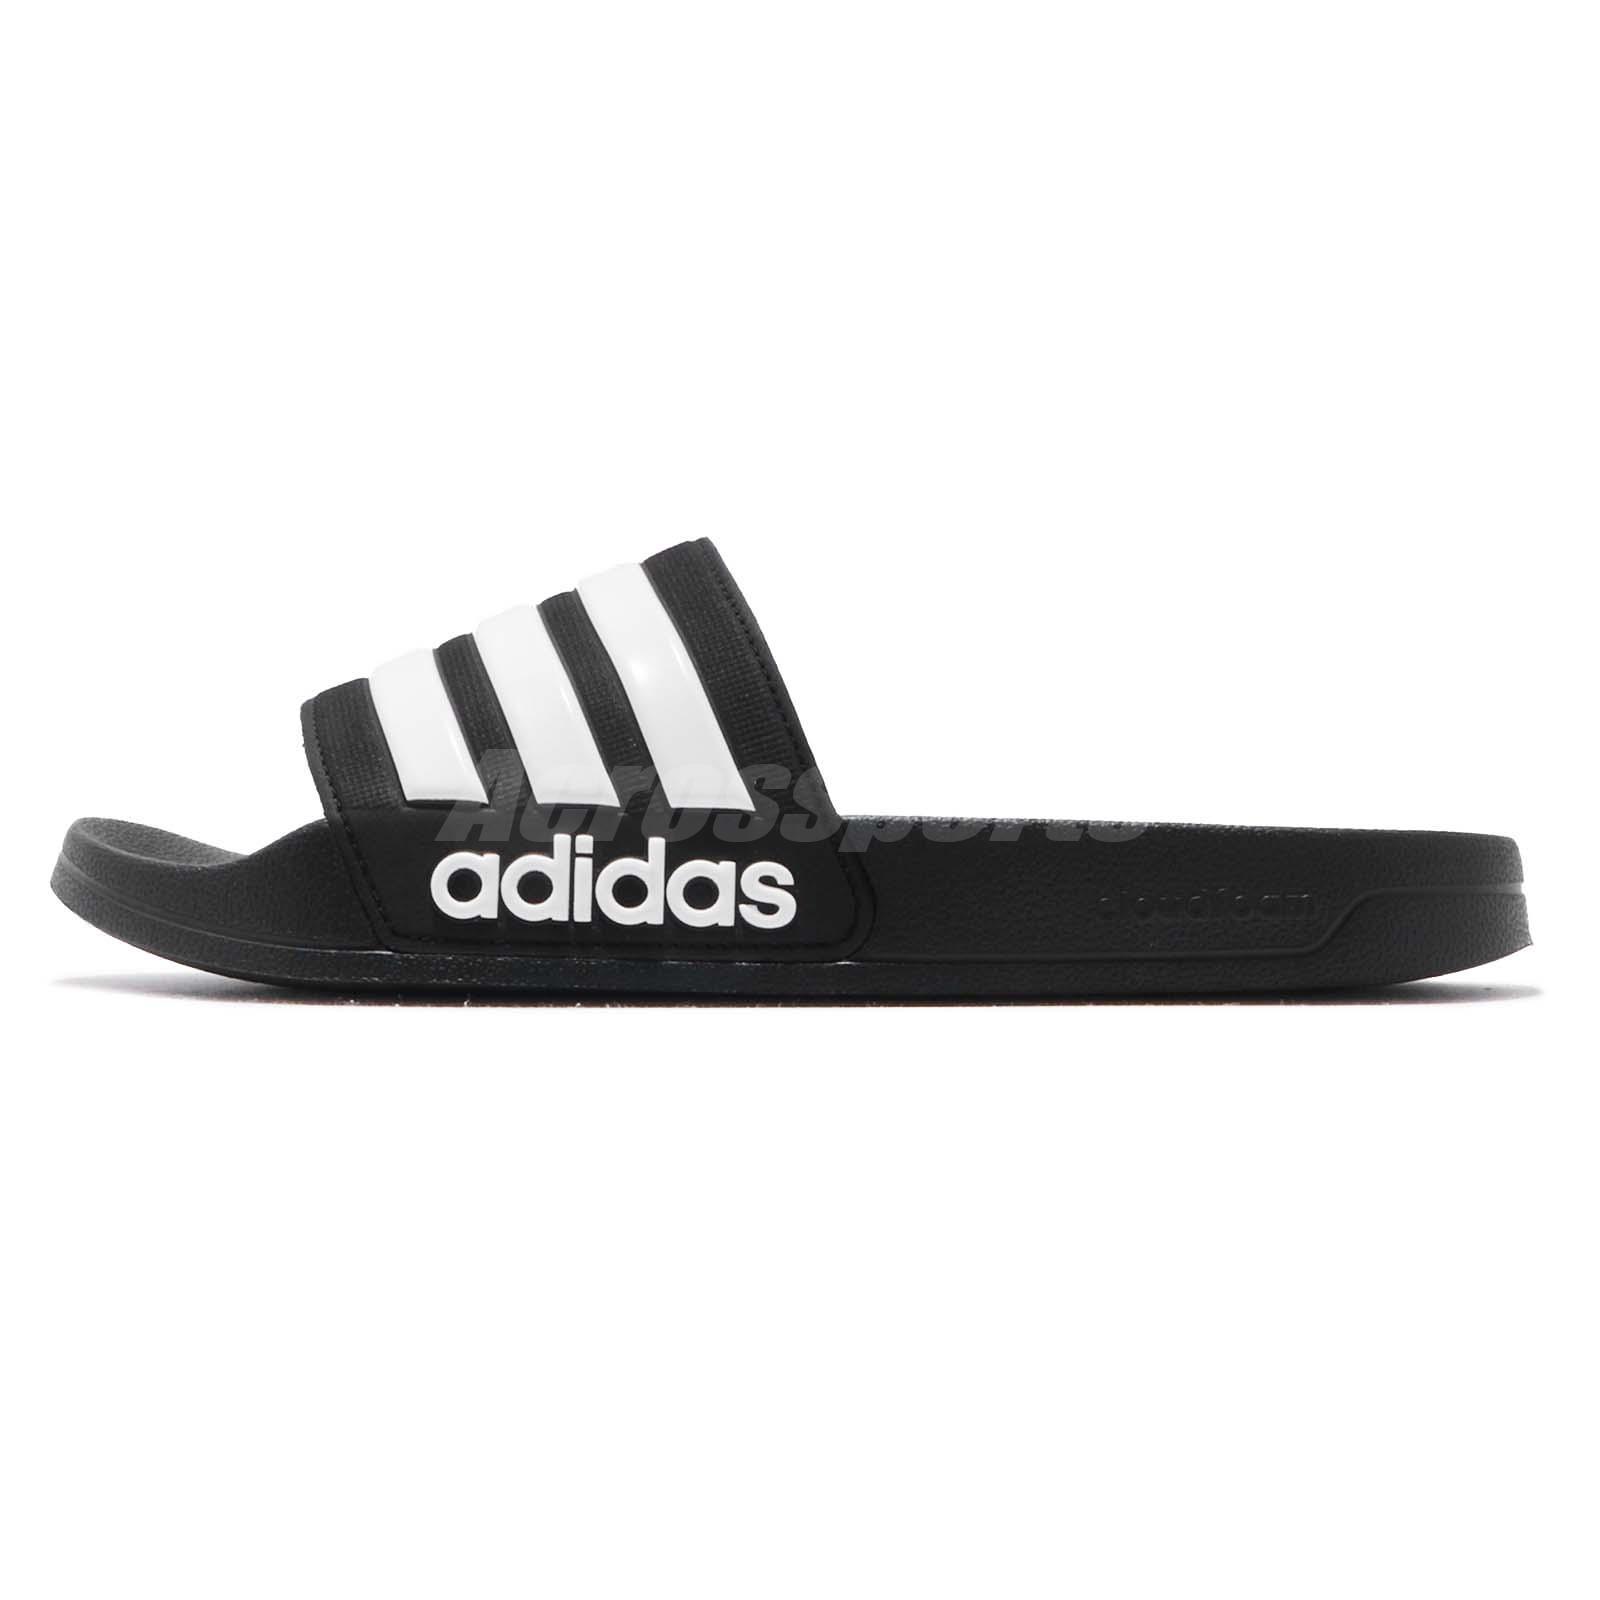 the best attitude 600f7 7b41e adidas Adilette Shower Black White Men Sports Sandals Slides Slippers AQ1701